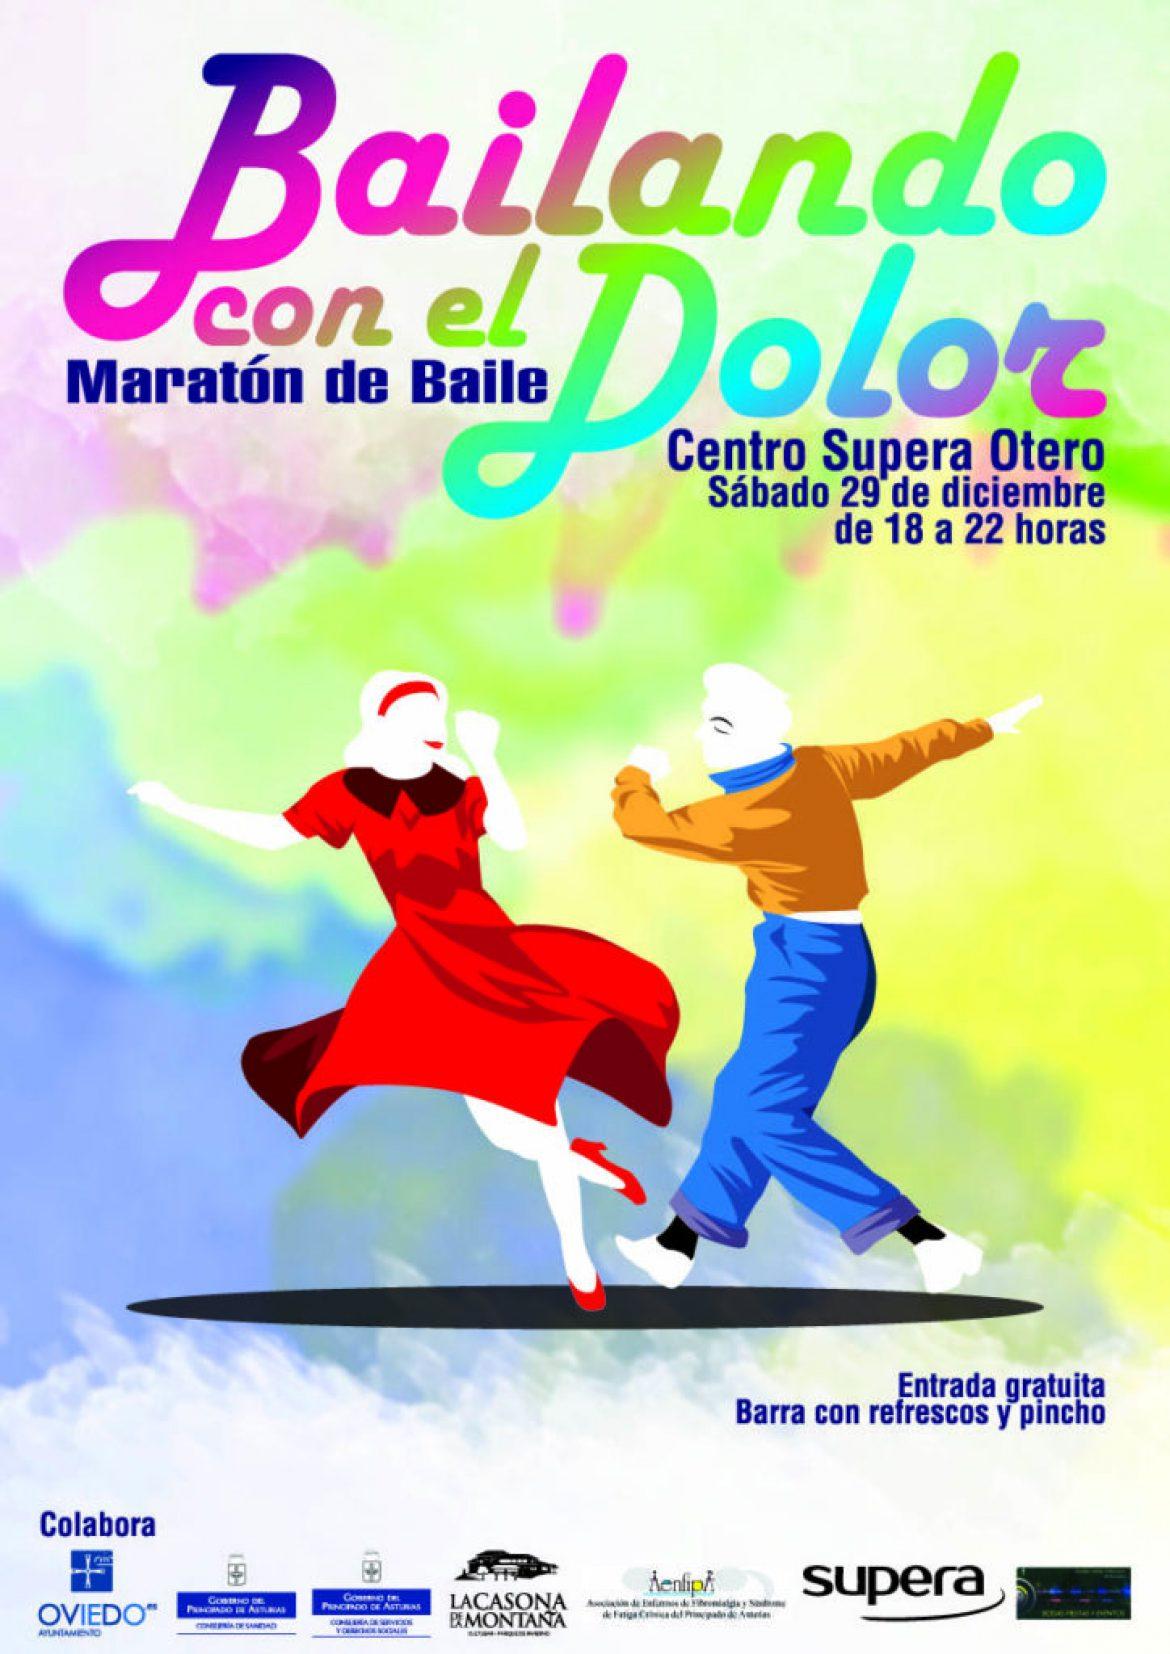 Bailando con el dolor, Sábado 29 de Diciembre Centro Supera Otero